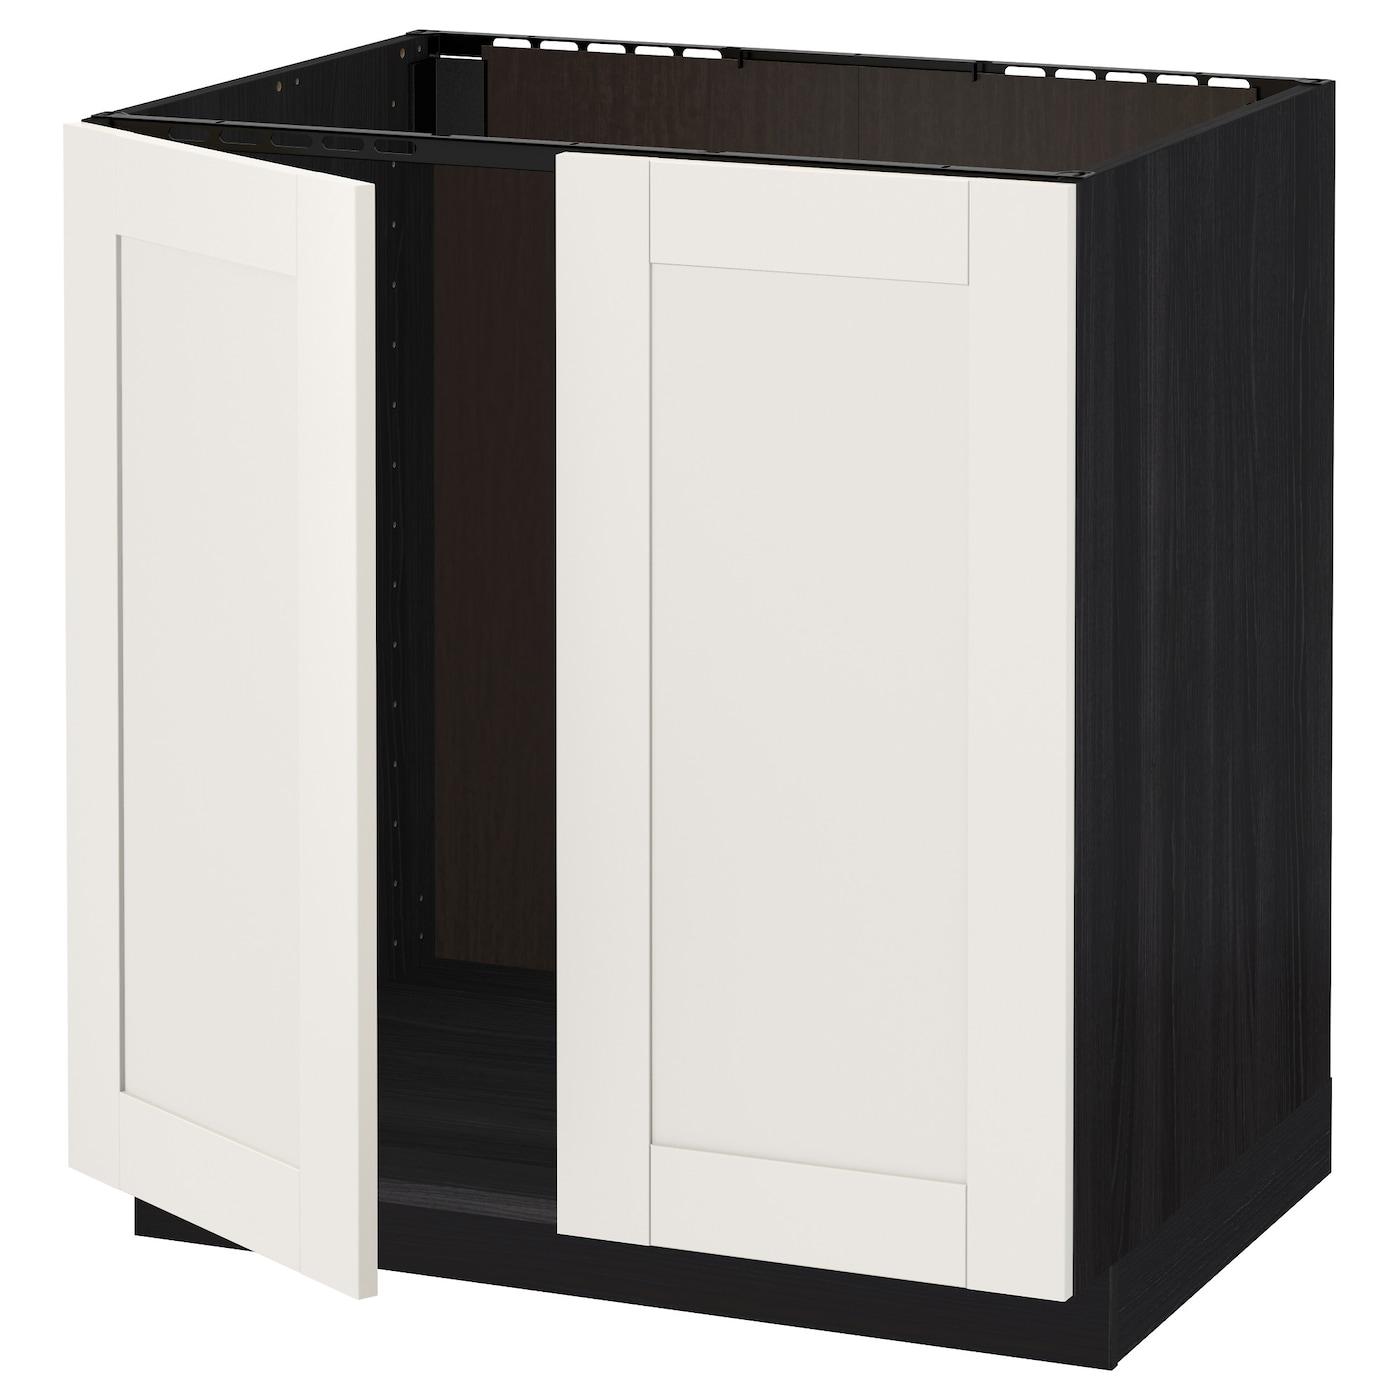 Metod base cabinet for sink 2 doors black s vedal white for White cabinets with black doors